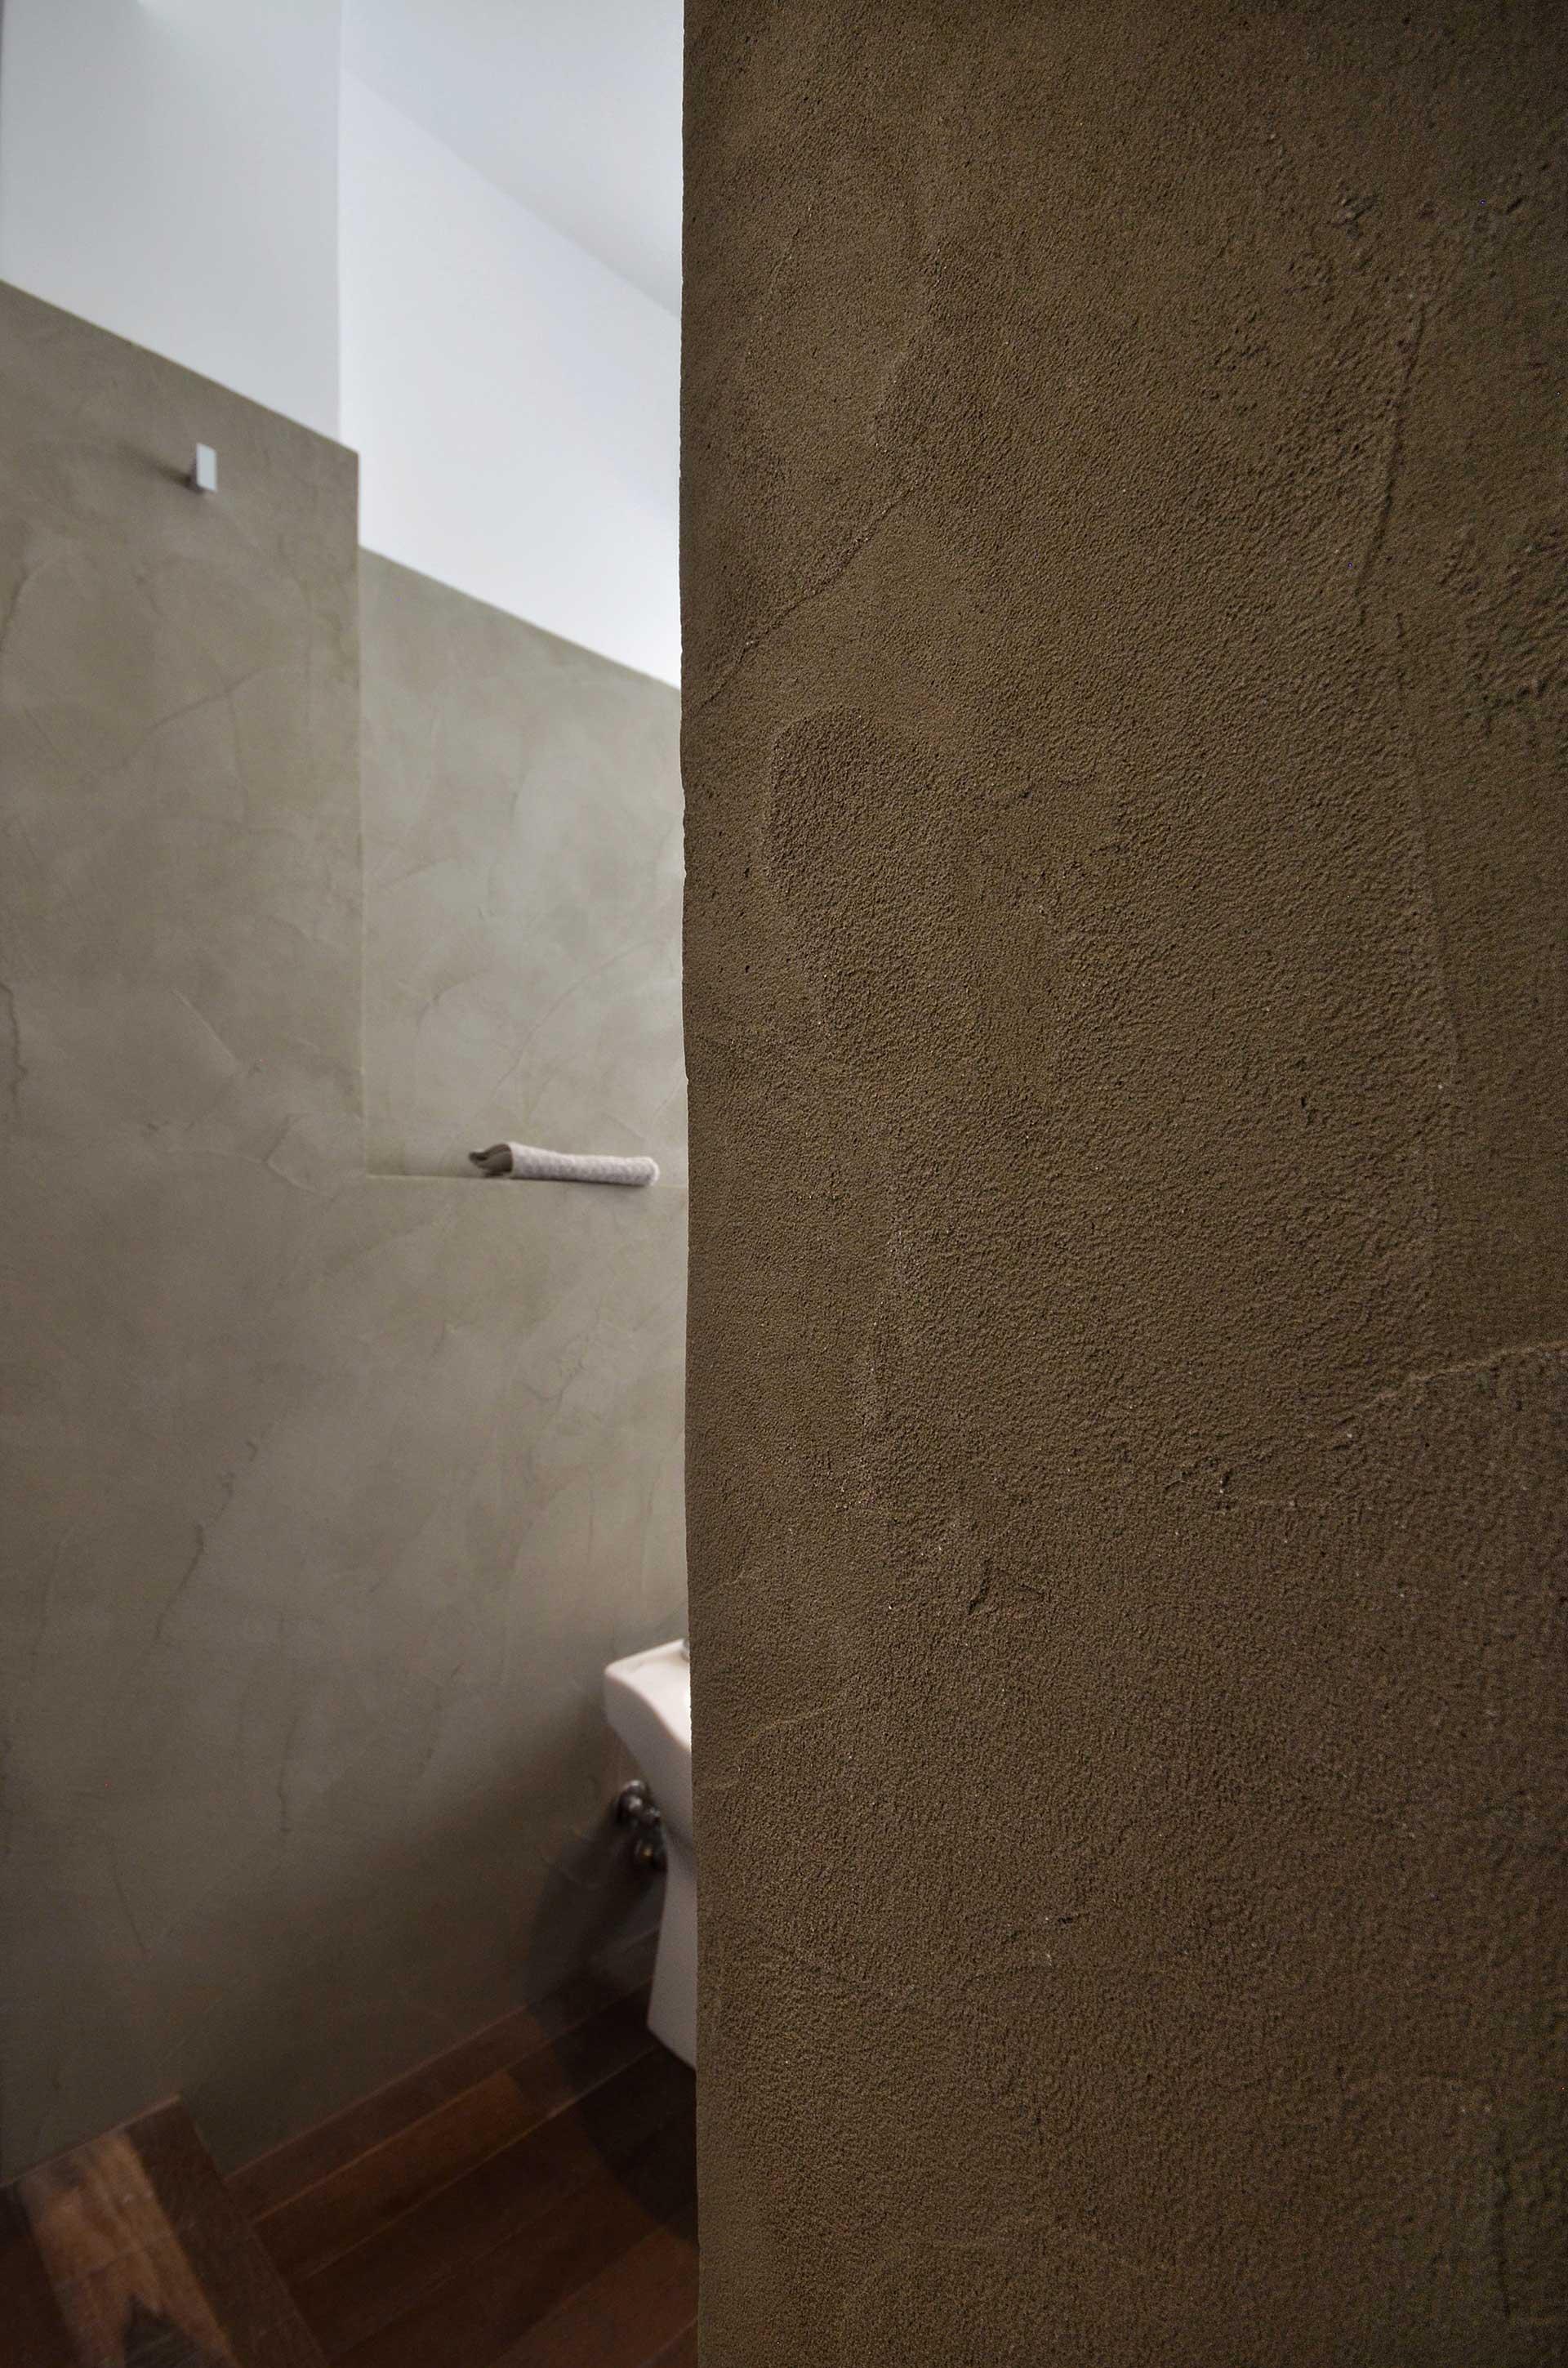 casa CM127. La matericità delle pareti del bagno. Toni caldi, neutri e naturali. Un ambiente molto rilassante.